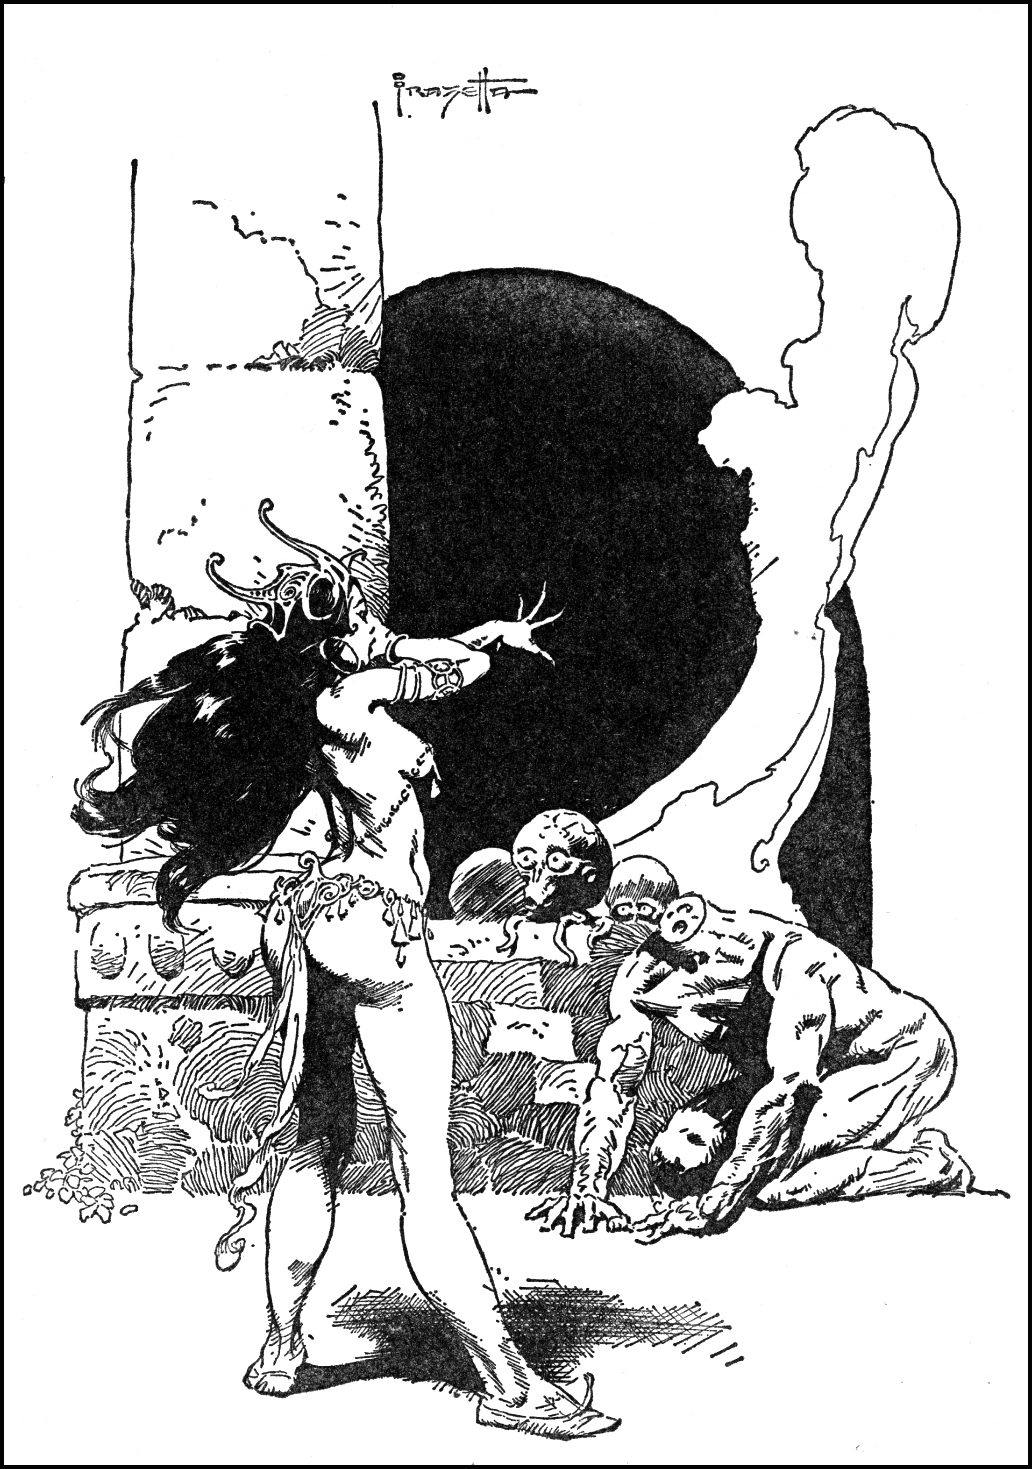 комиксы эротические черно белые № 2828 бесплатно